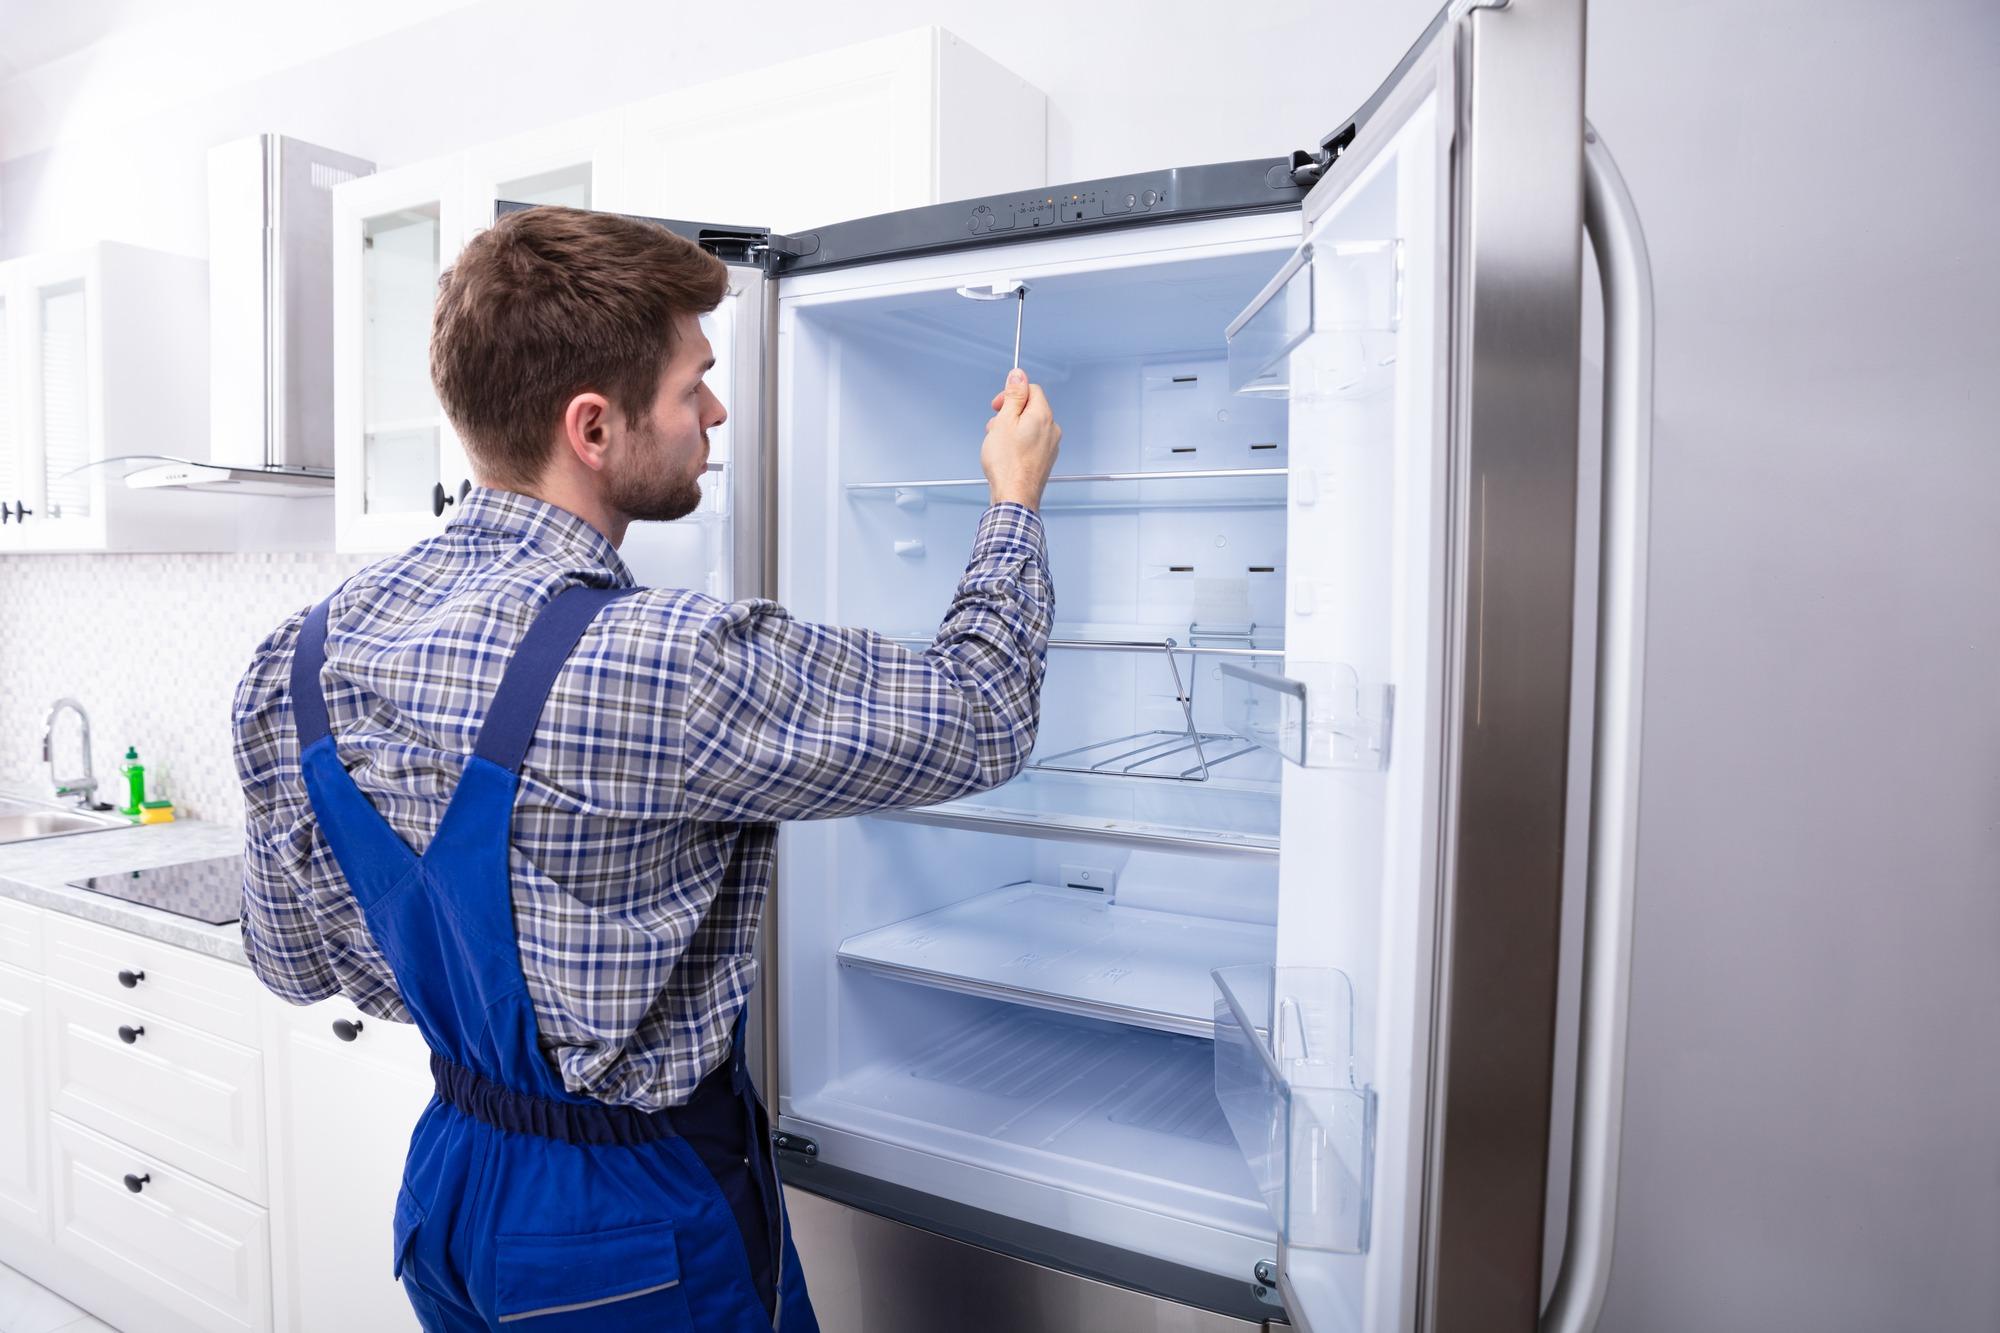 холодильник протекает сверху